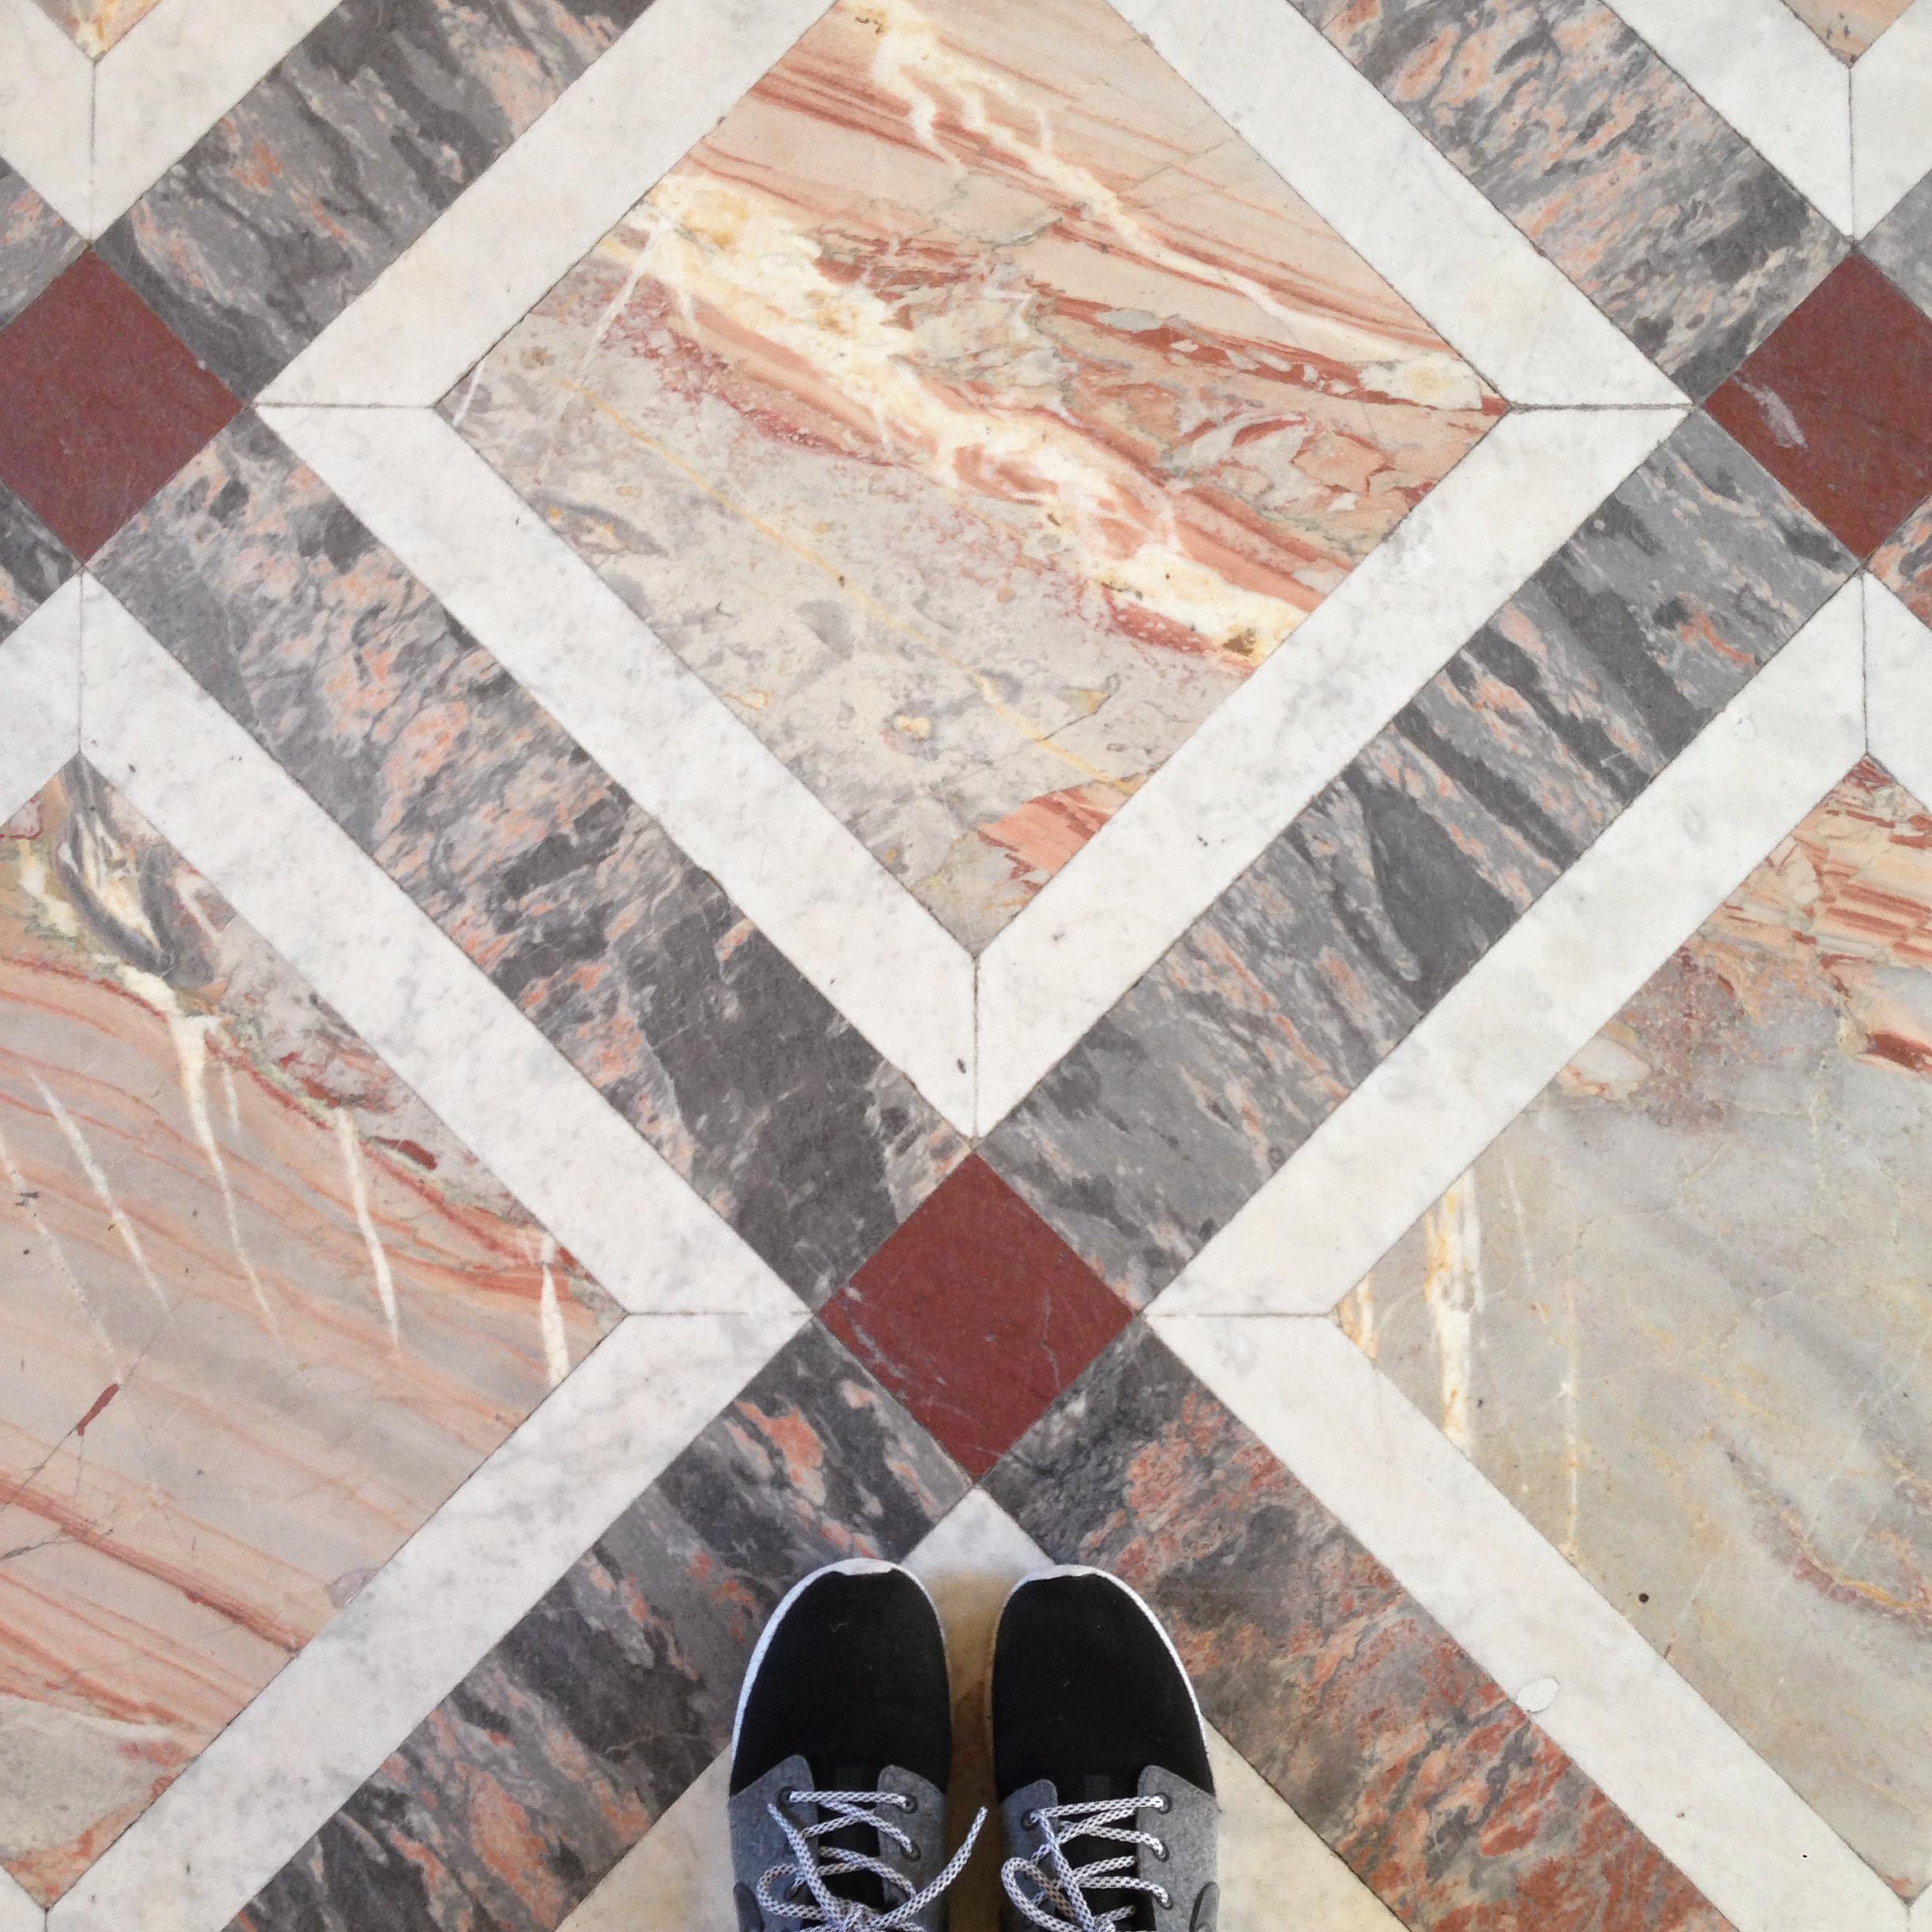 Lozidaze_Louvre_02